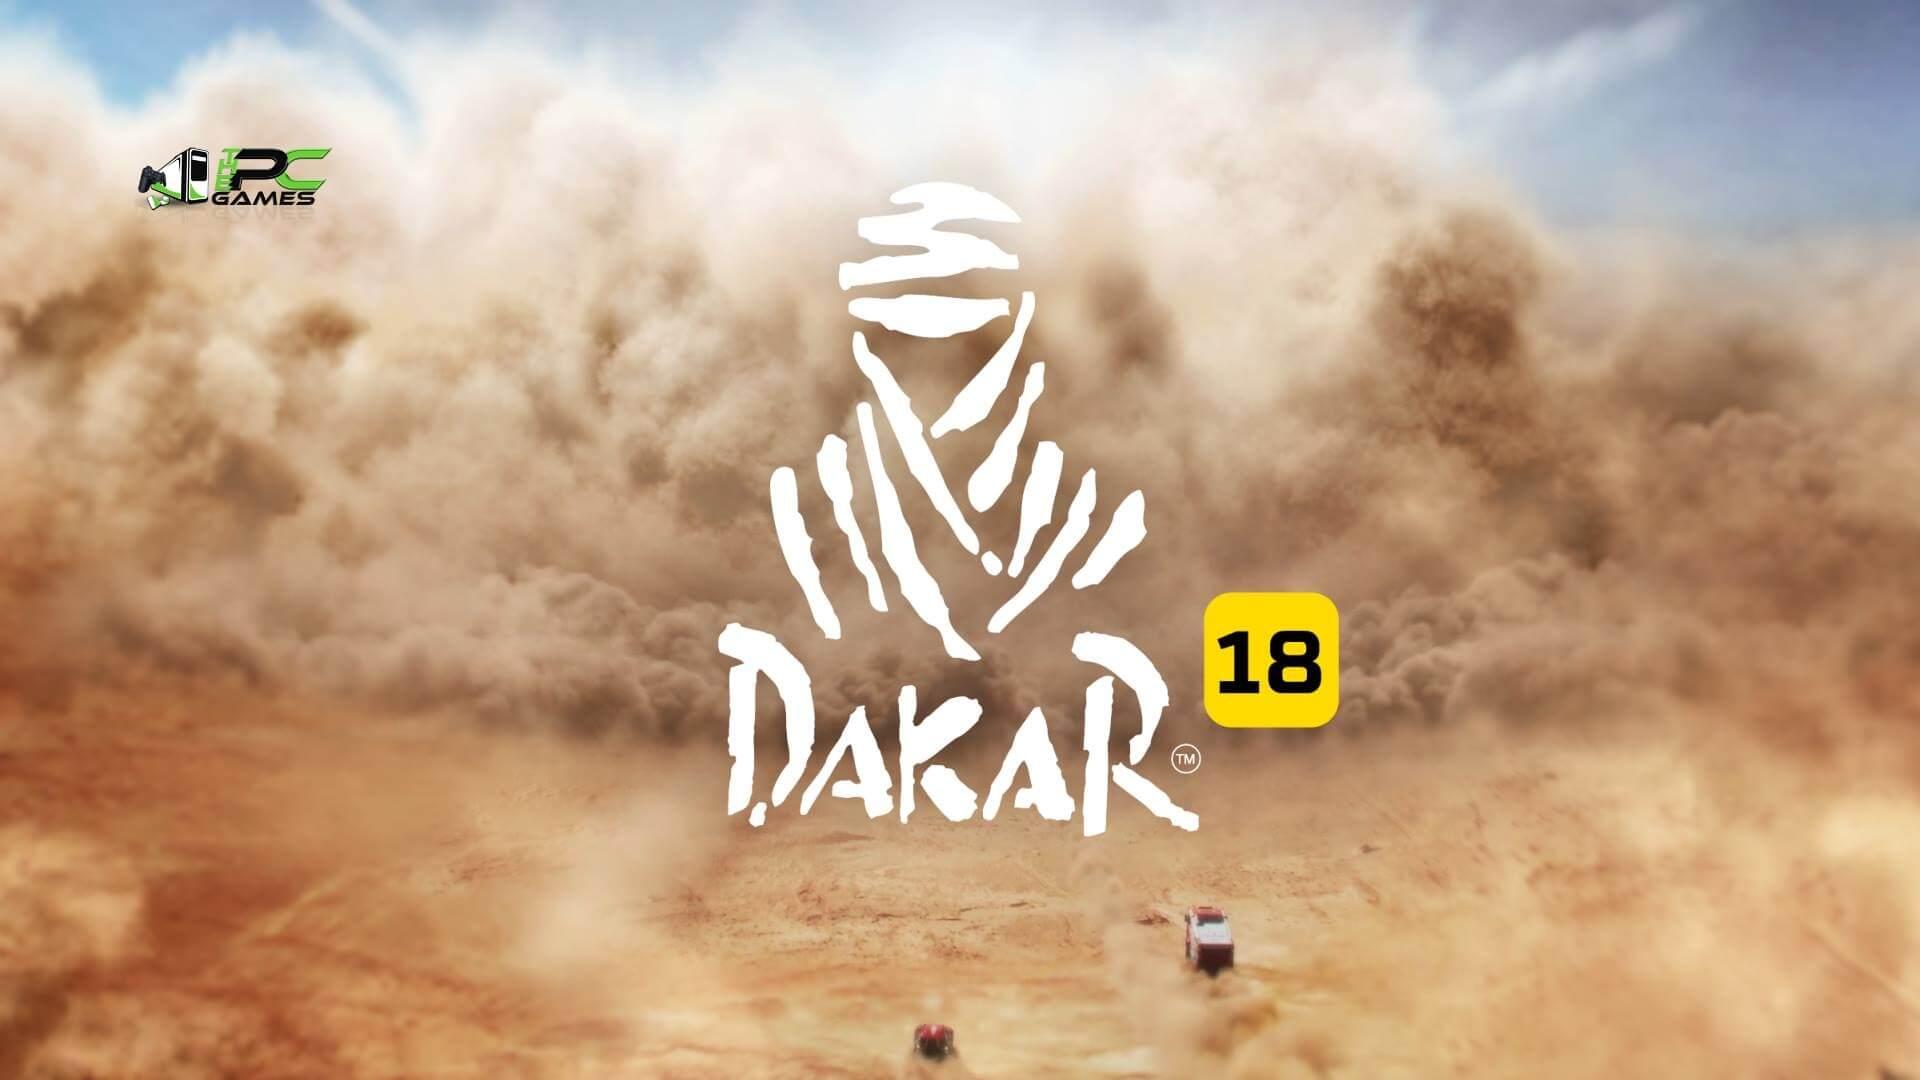 Dakar 18 pc game download